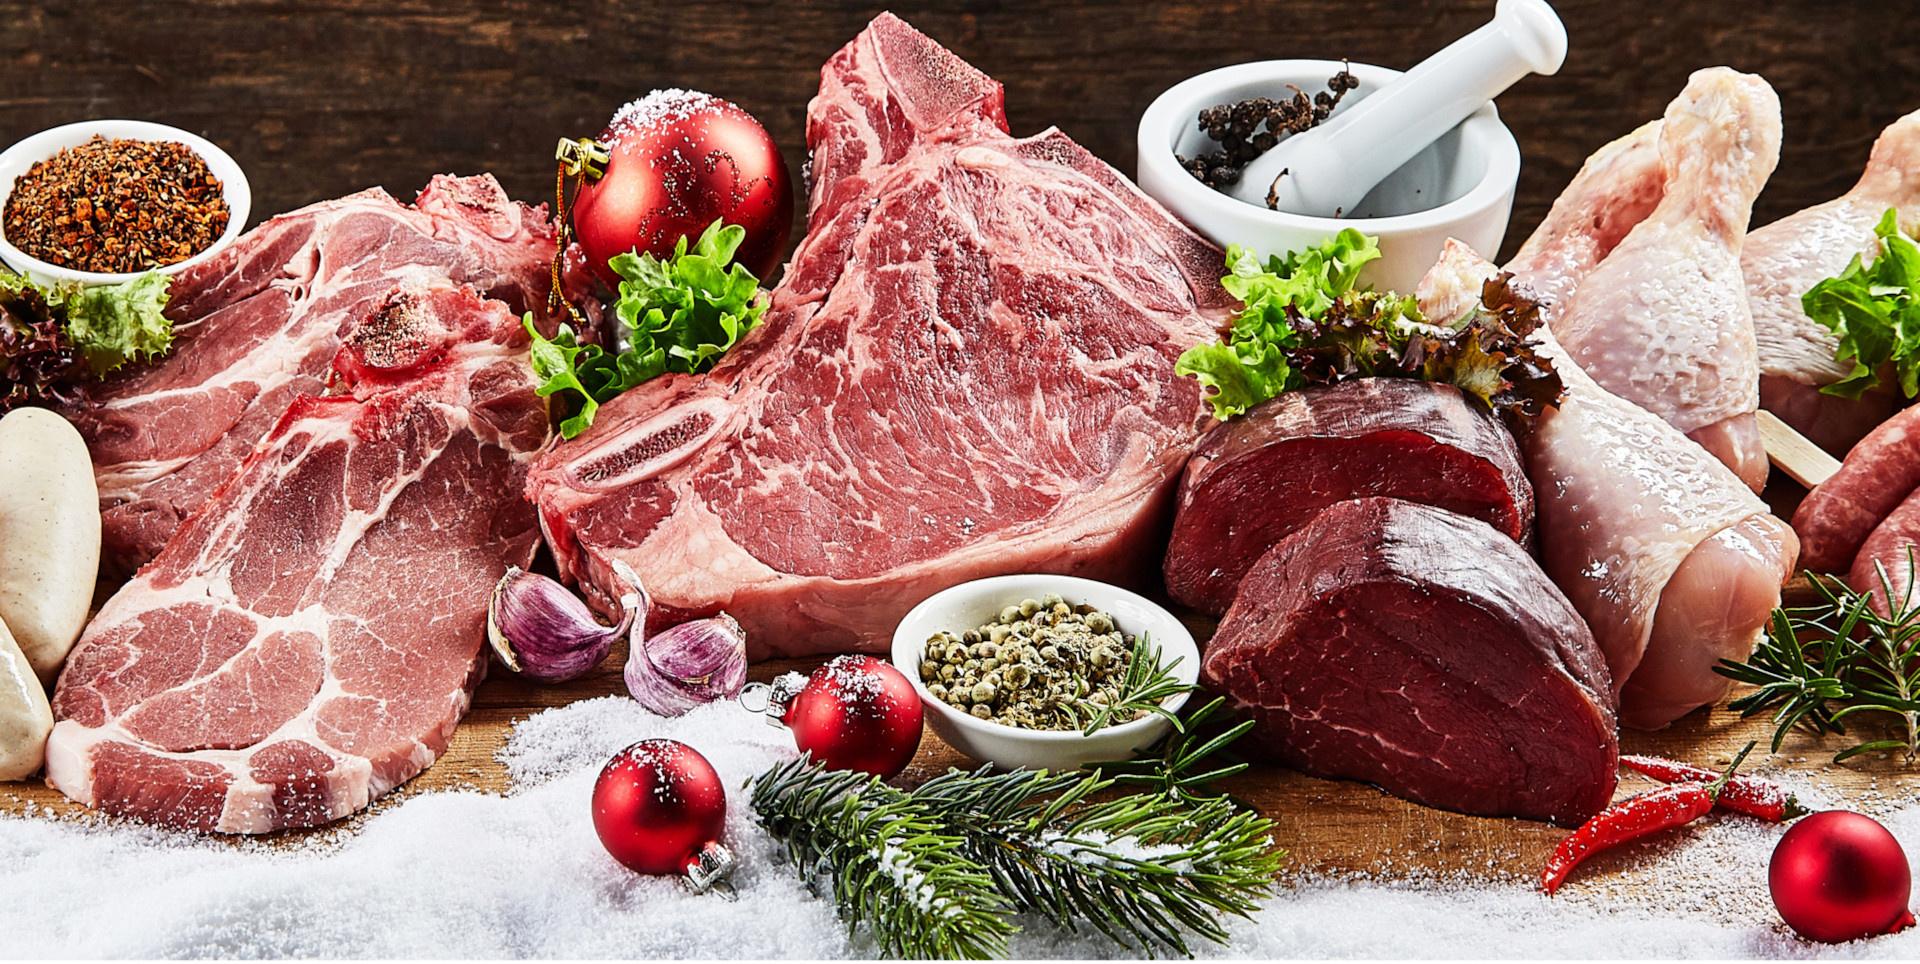 Henrici´s Onlinemetzgerei - metzger24.com - Premium Fleisch & Wurstwaren Online Kaufen